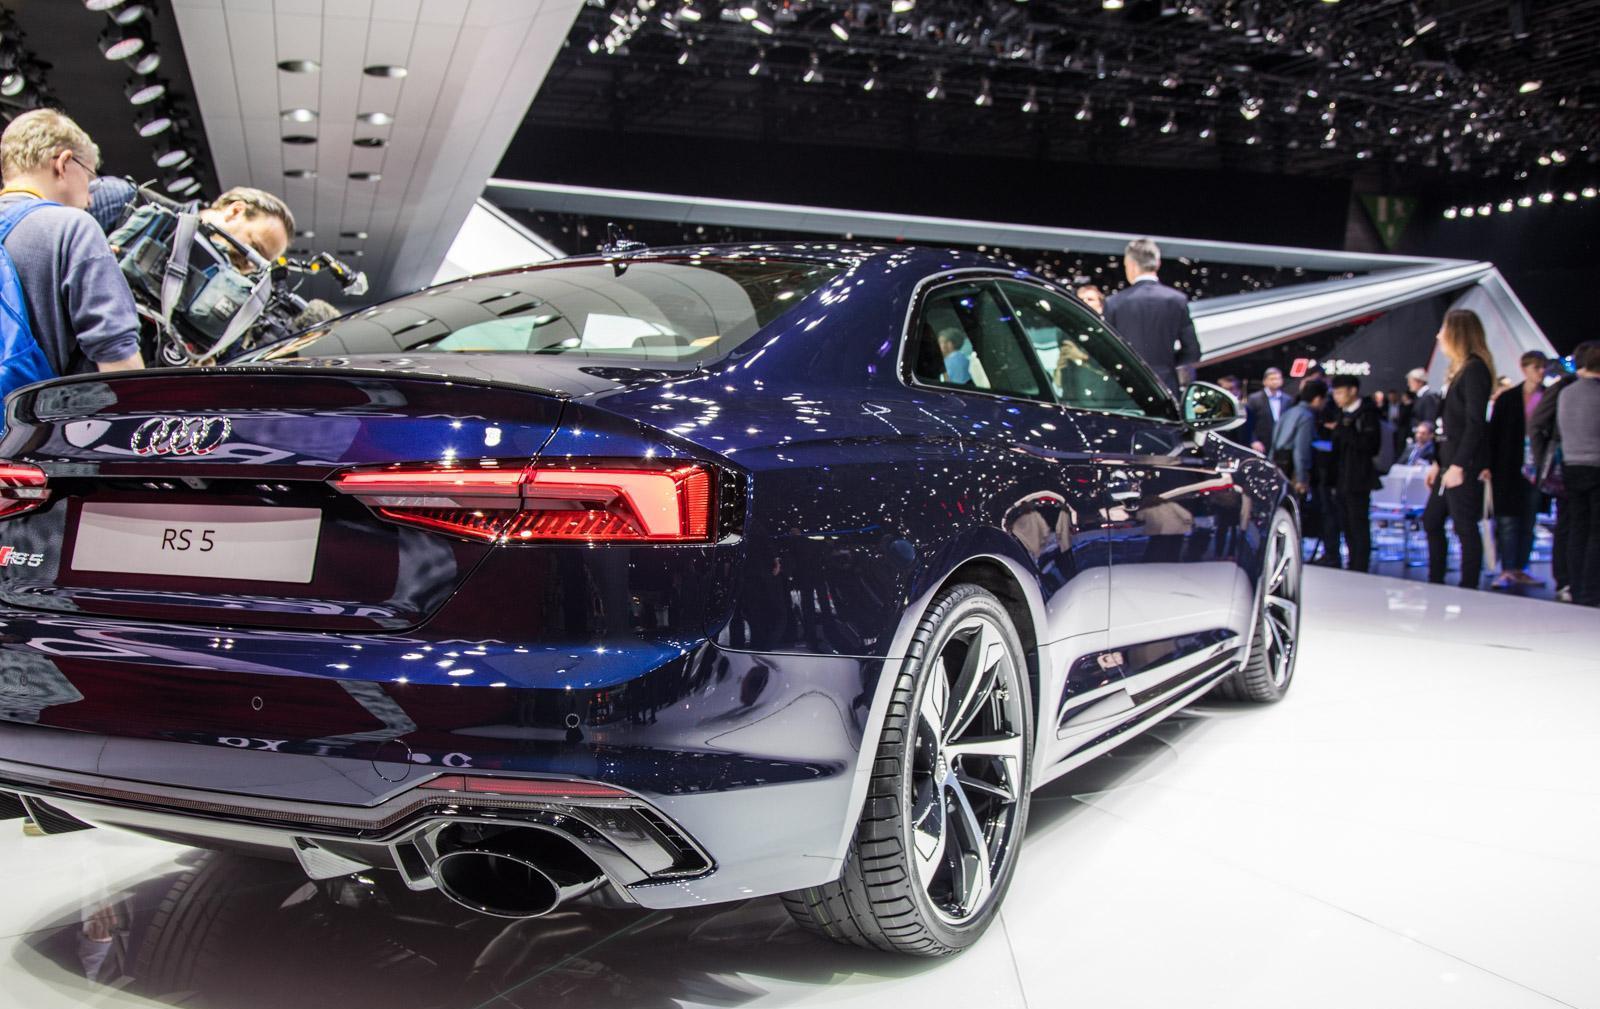 Audi-RS5-007